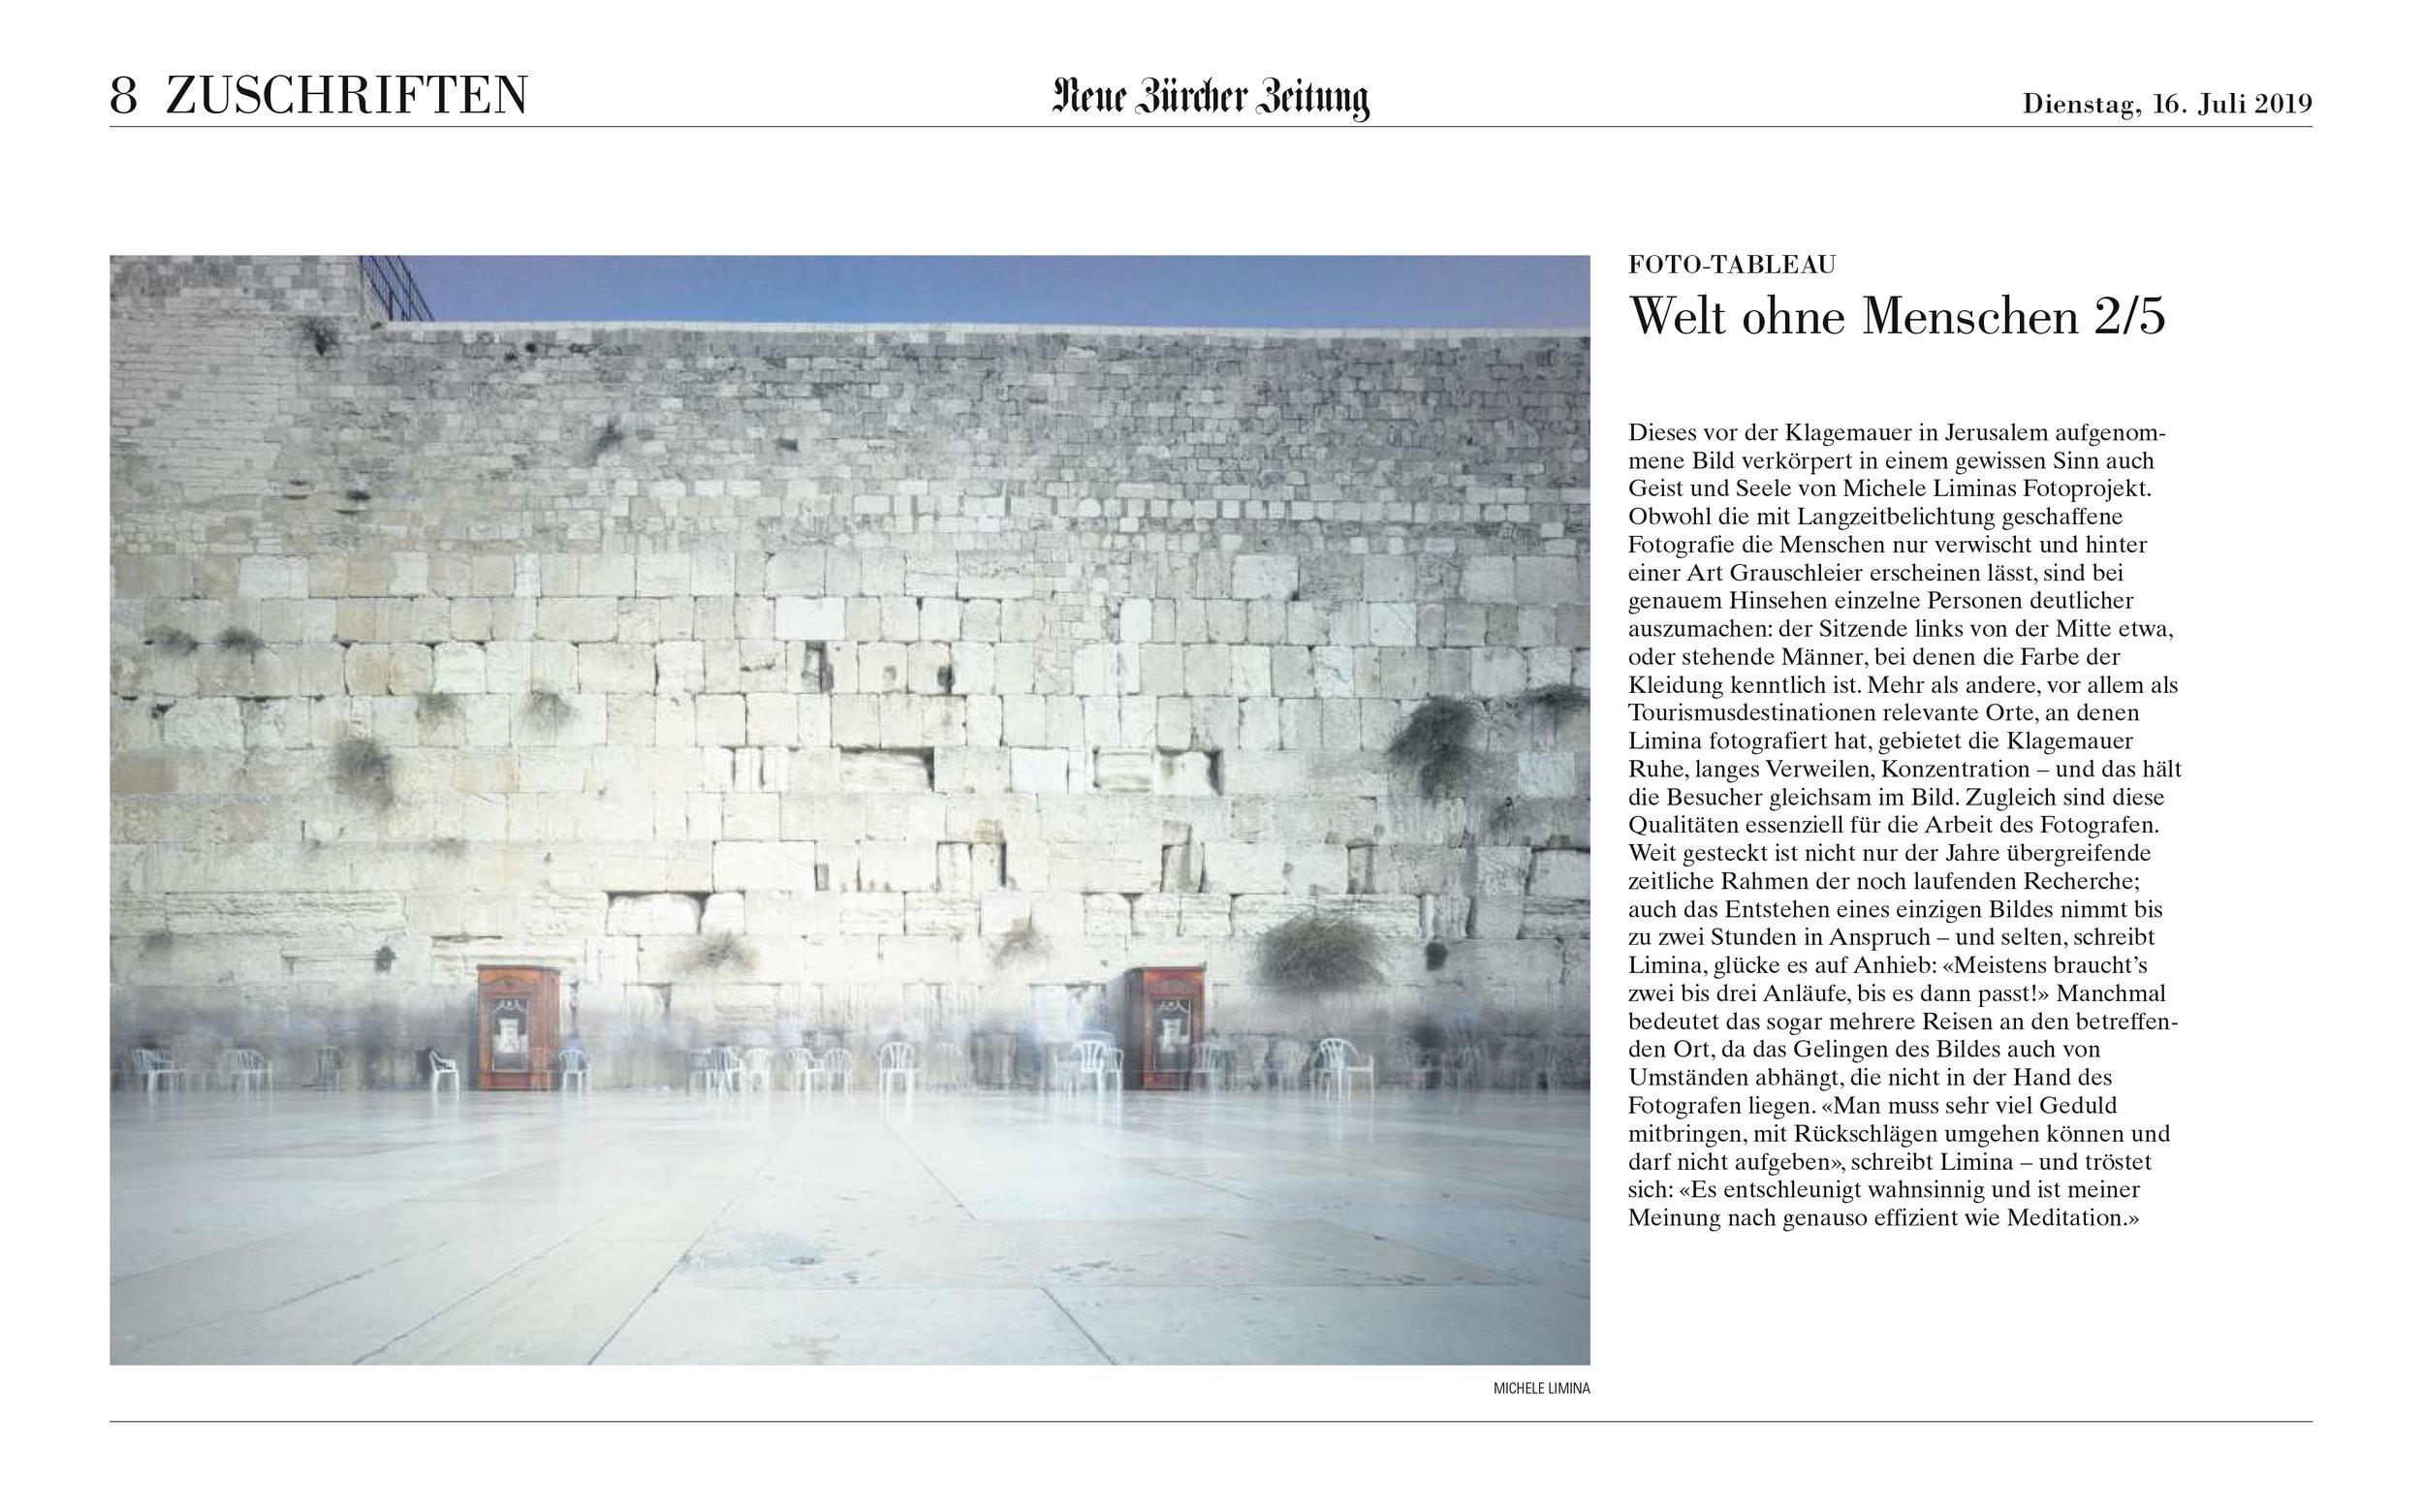 Gesamtausgabe_Neue_Zürcher_Zeitung_2019-07-16-8 Kopie.jpg